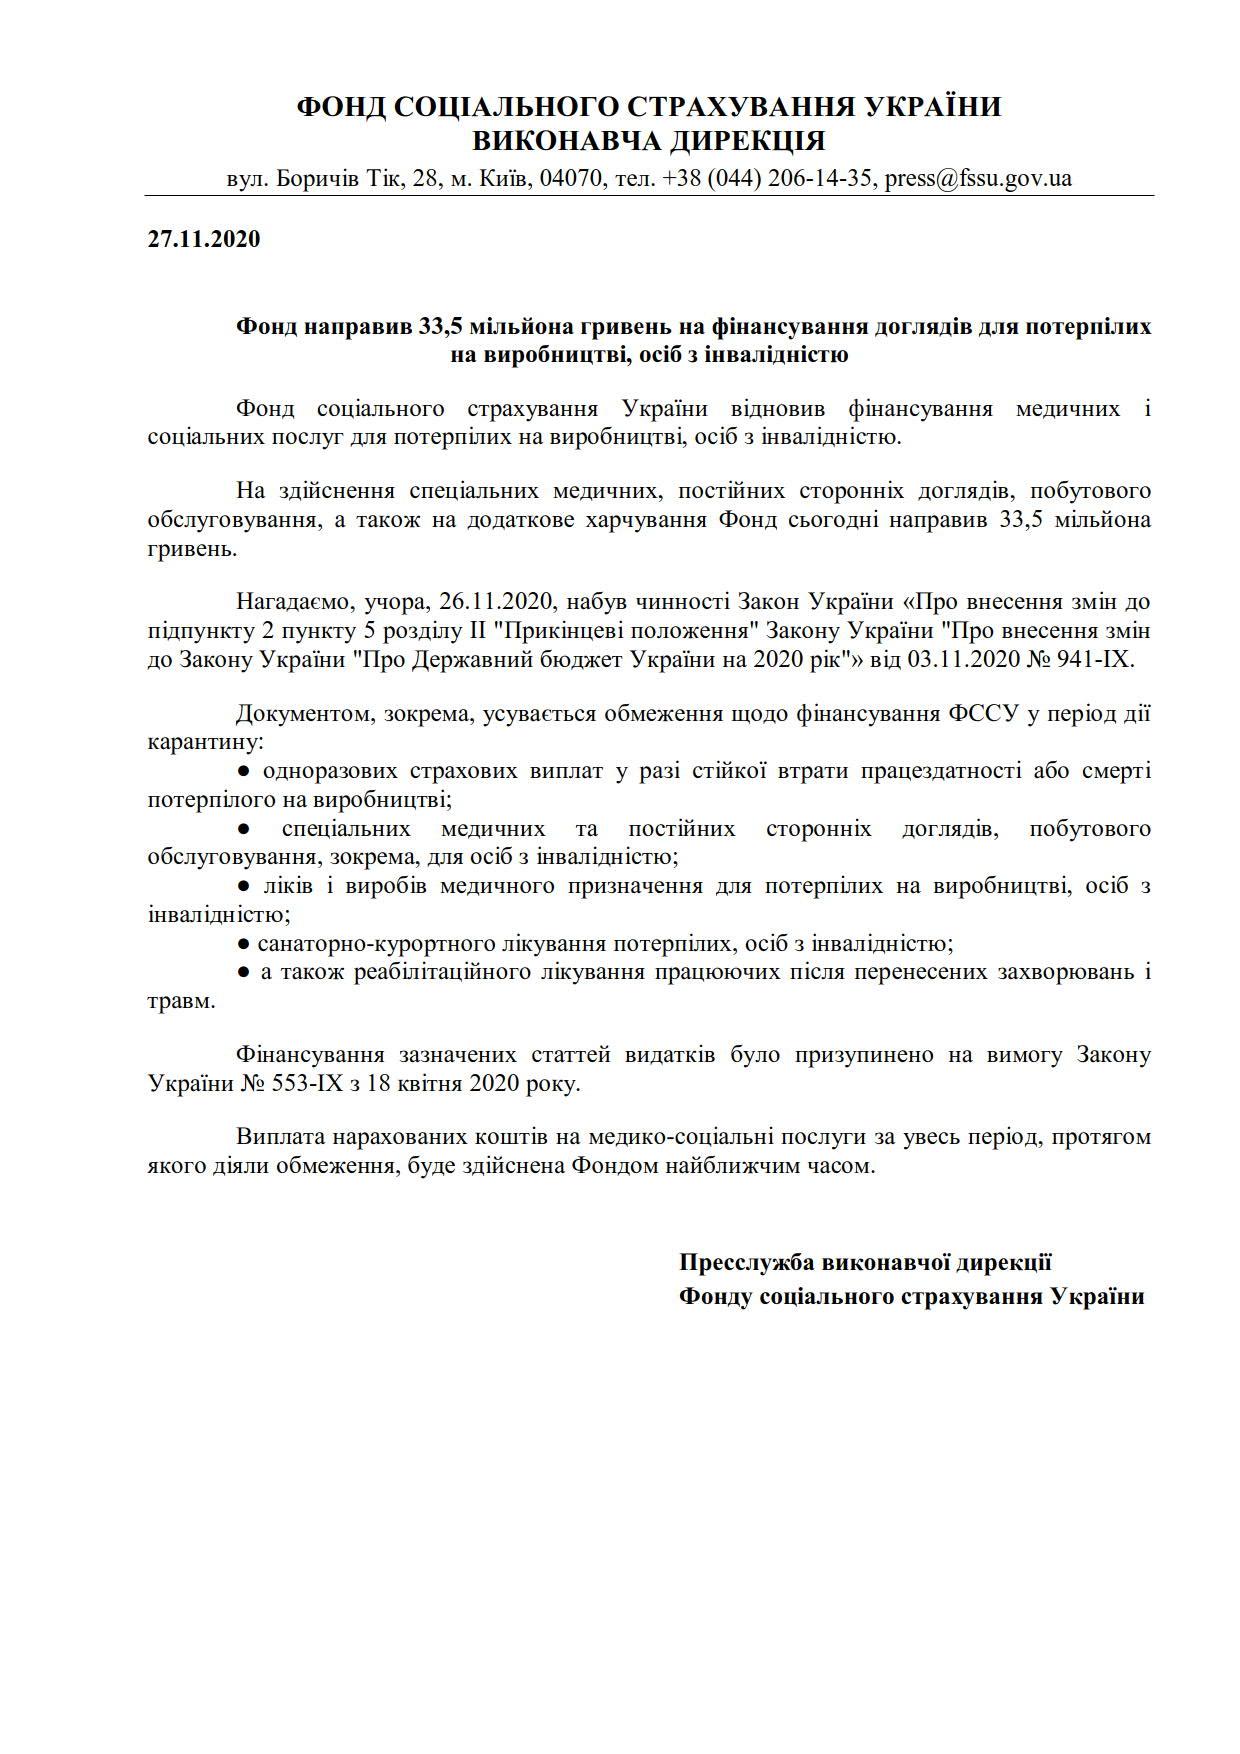 ФССУ_Відновлено фінансування медико-соціальних послуг_1